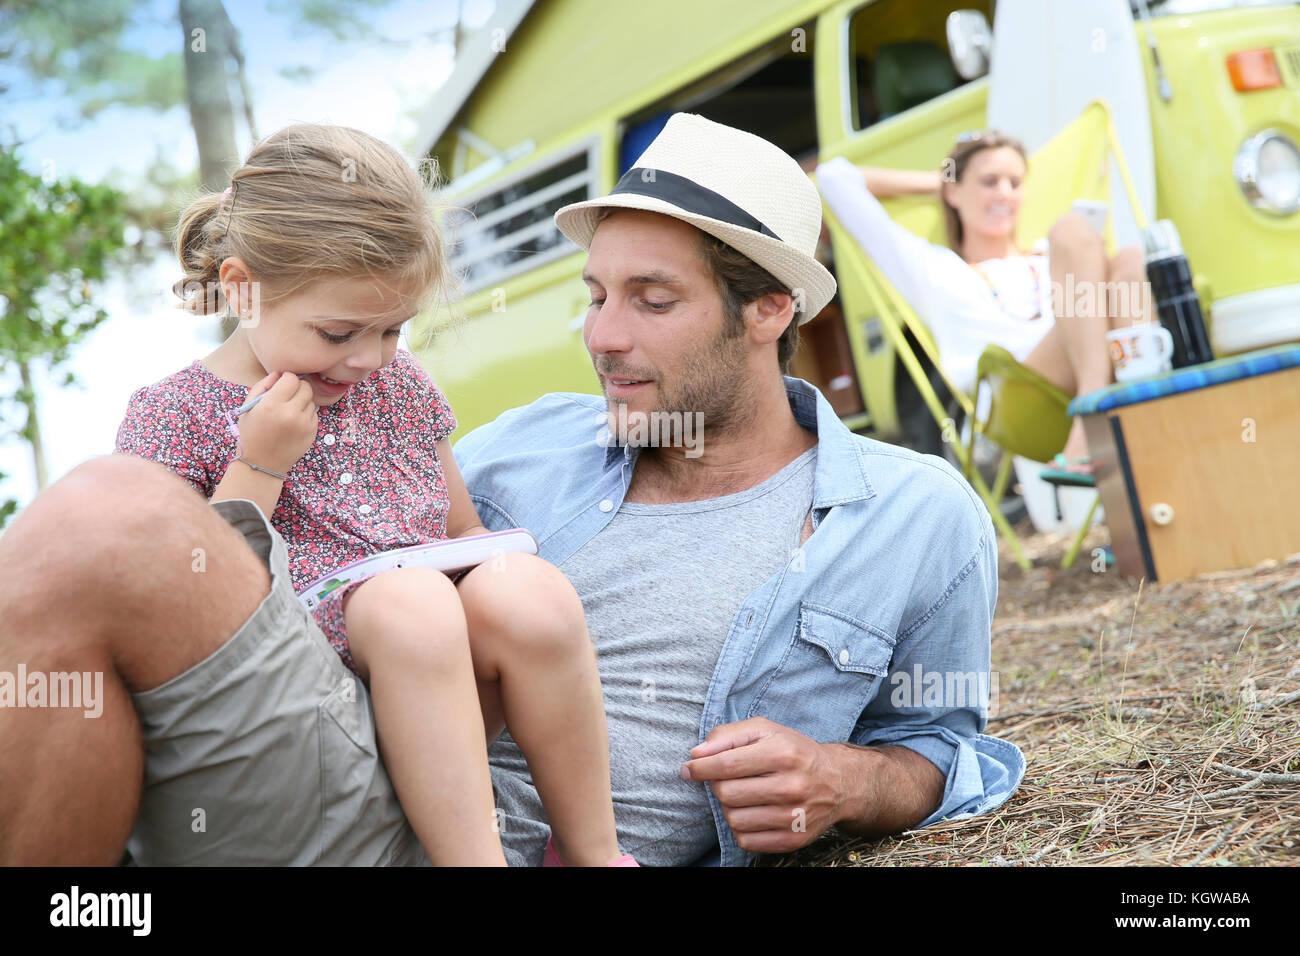 Il papà con bambina giocando insieme in campeggio Immagini Stock